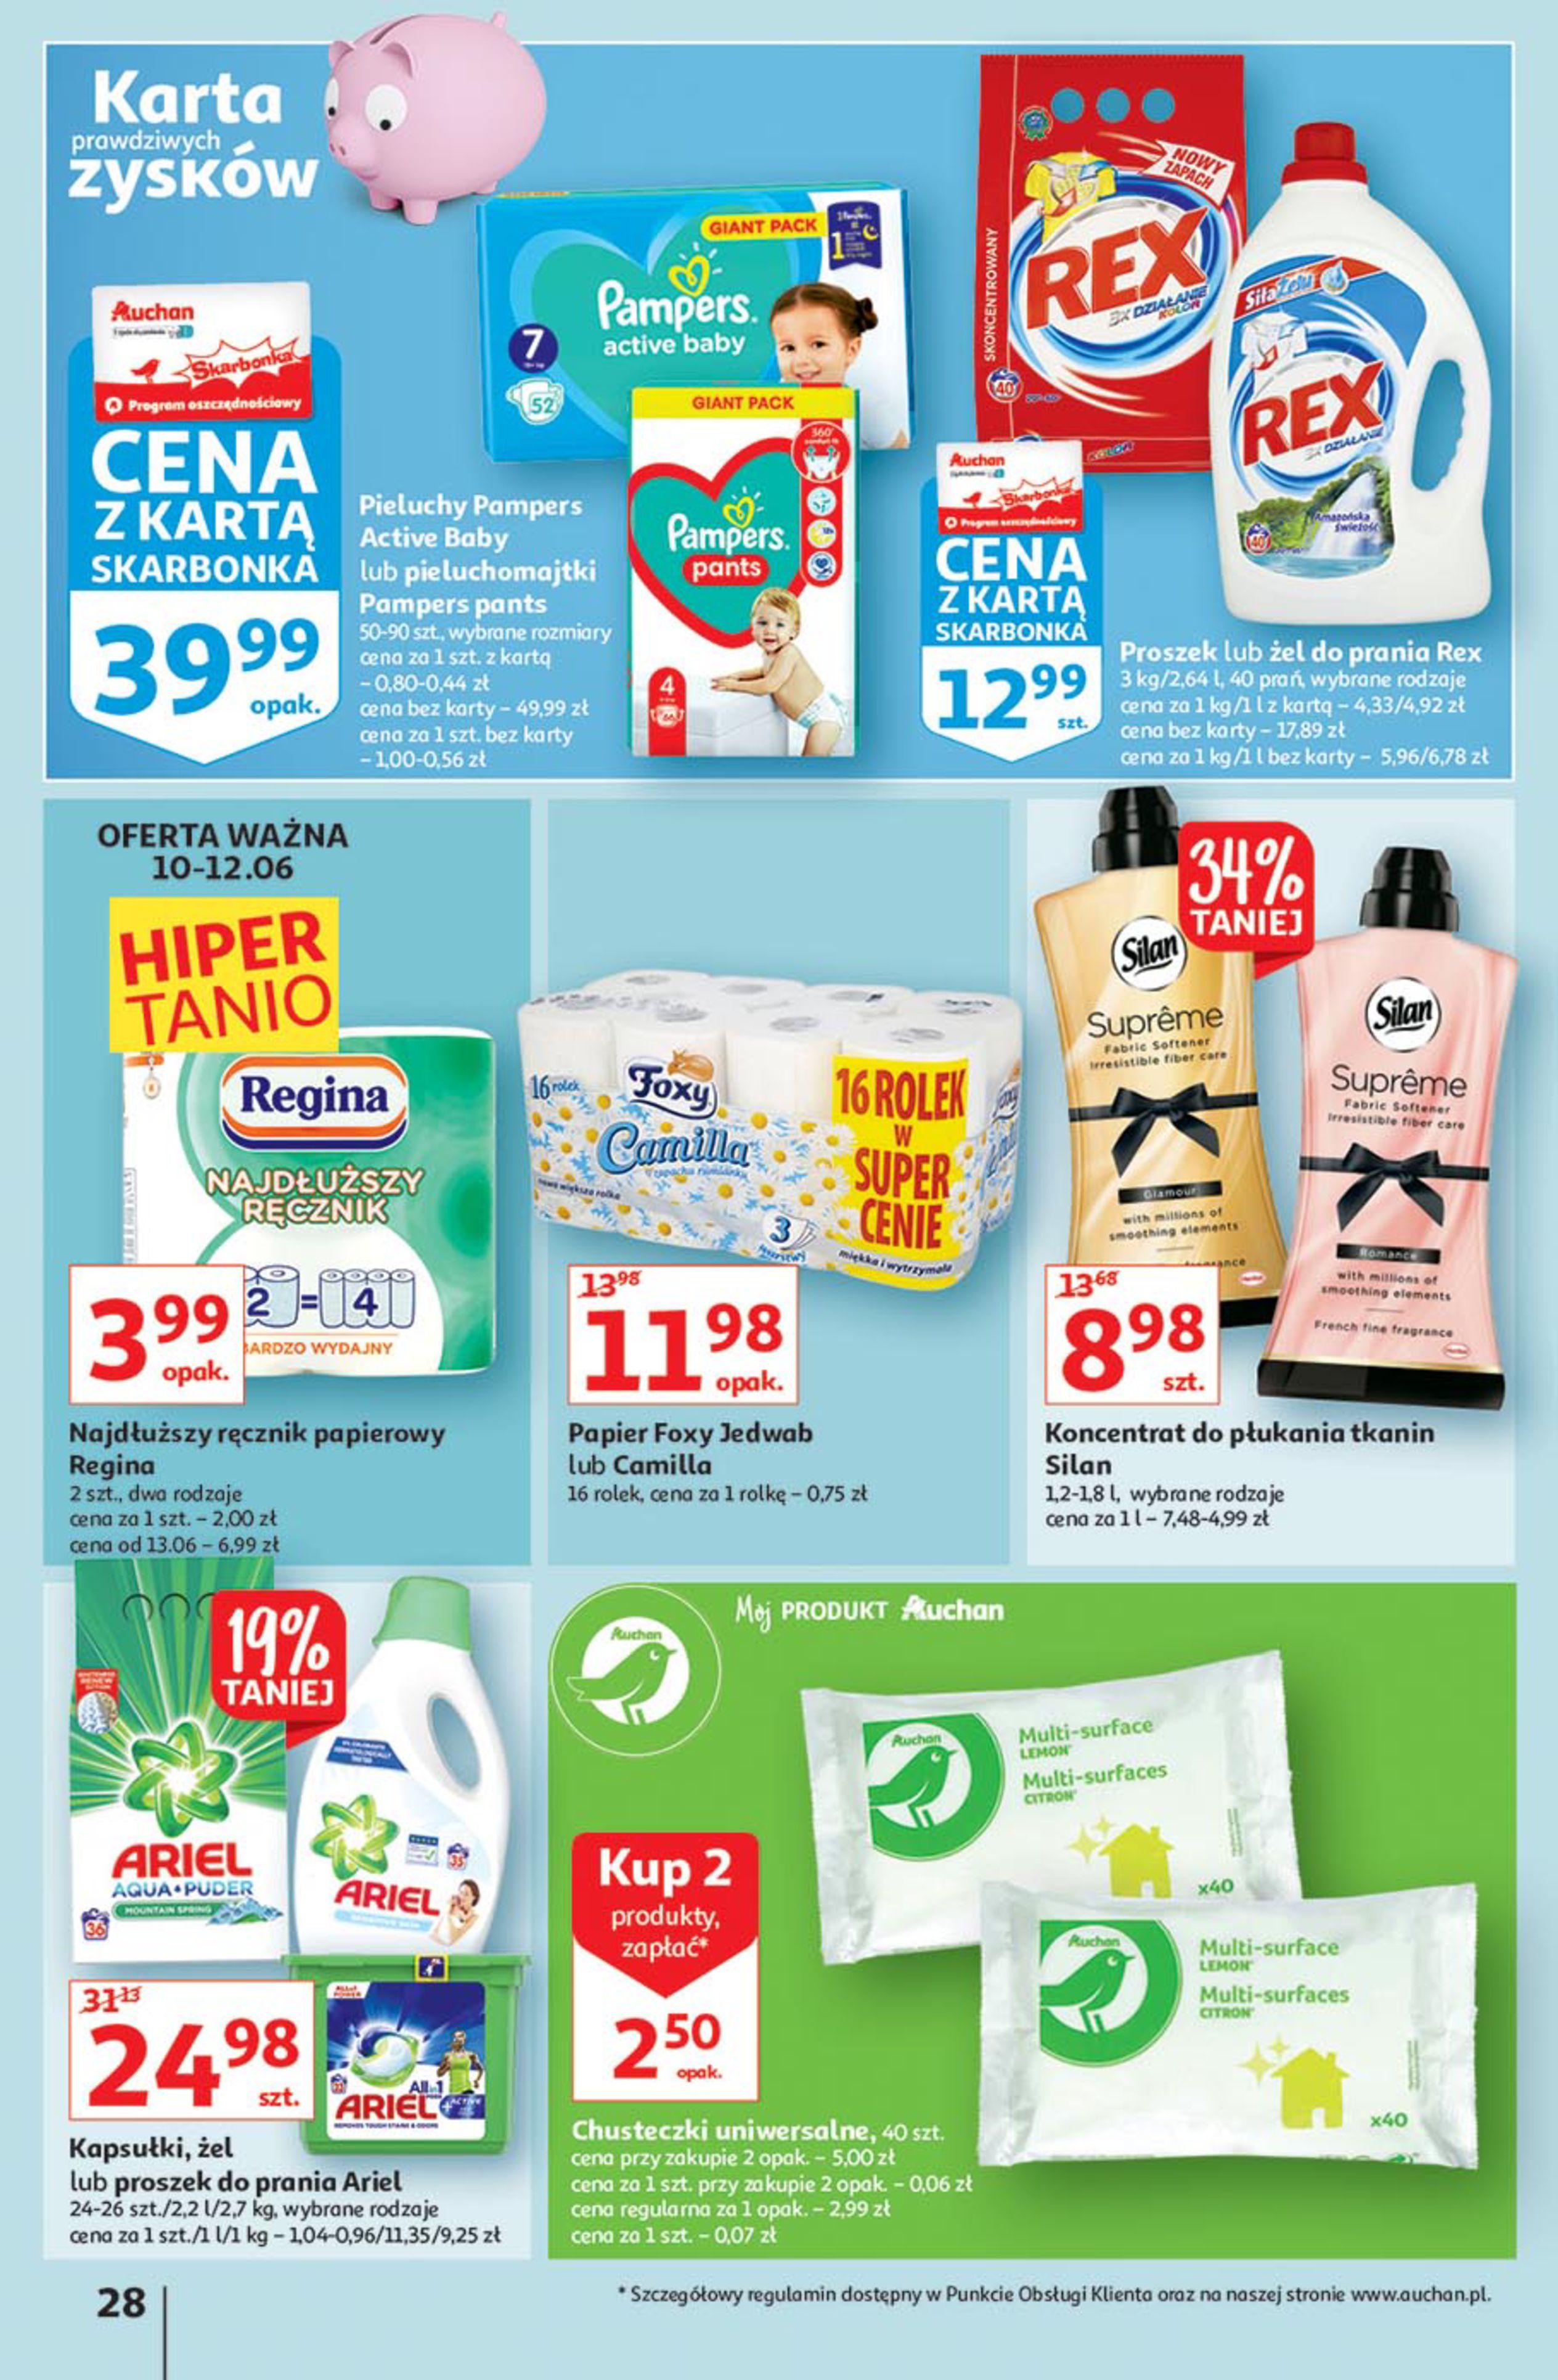 Gazetka Auchan: Gazetka Auchan - Euro 2020 2021-06-10 page-28